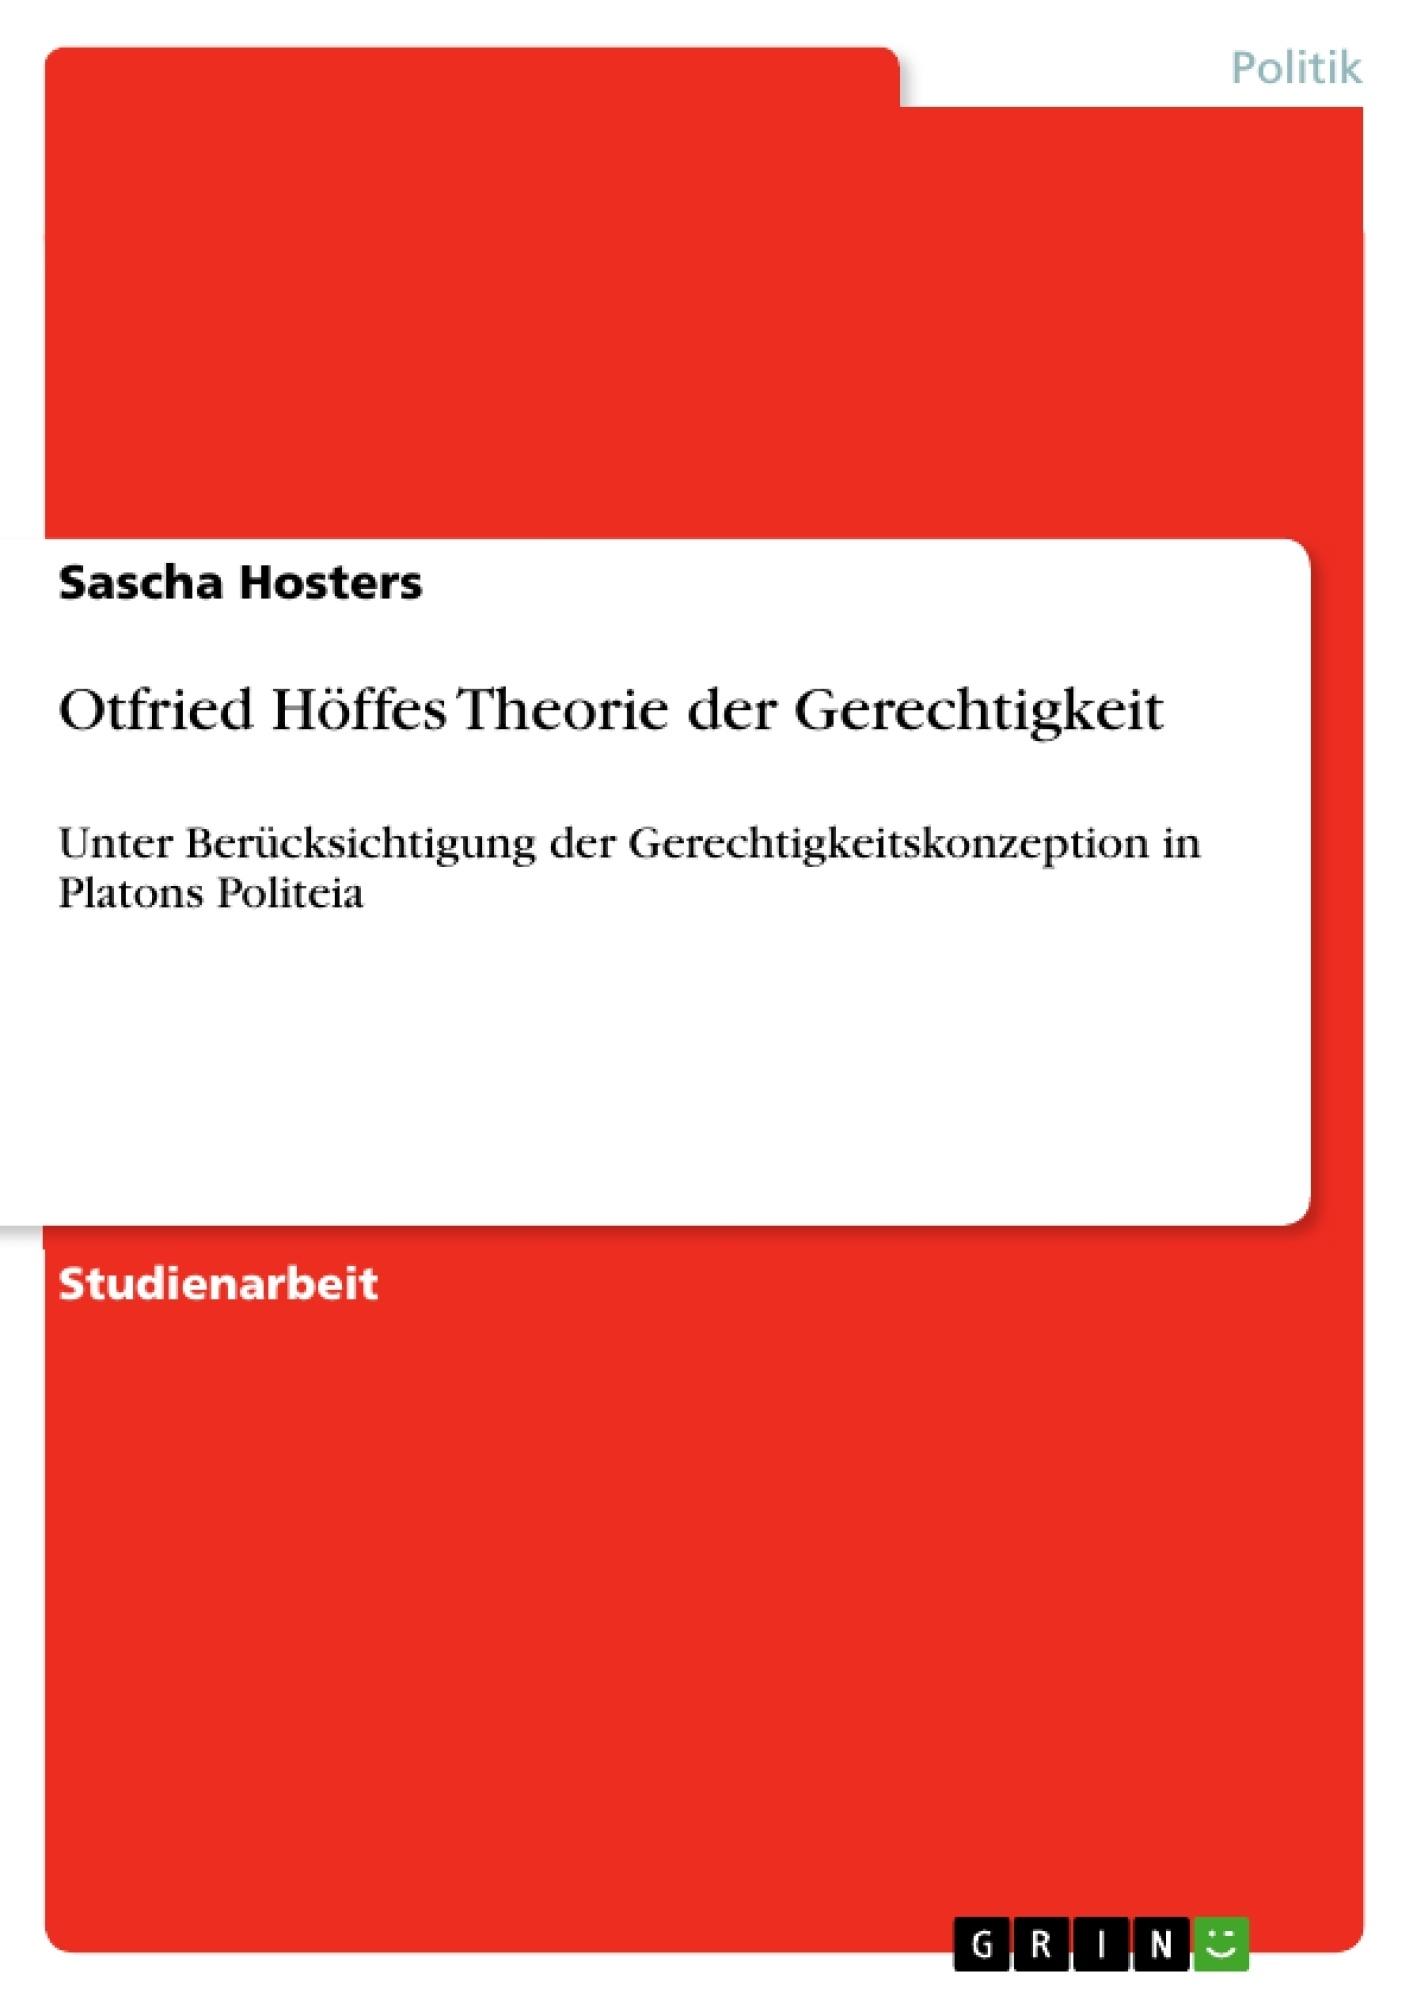 Titel: Otfried Höffes Theorie der Gerechtigkeit